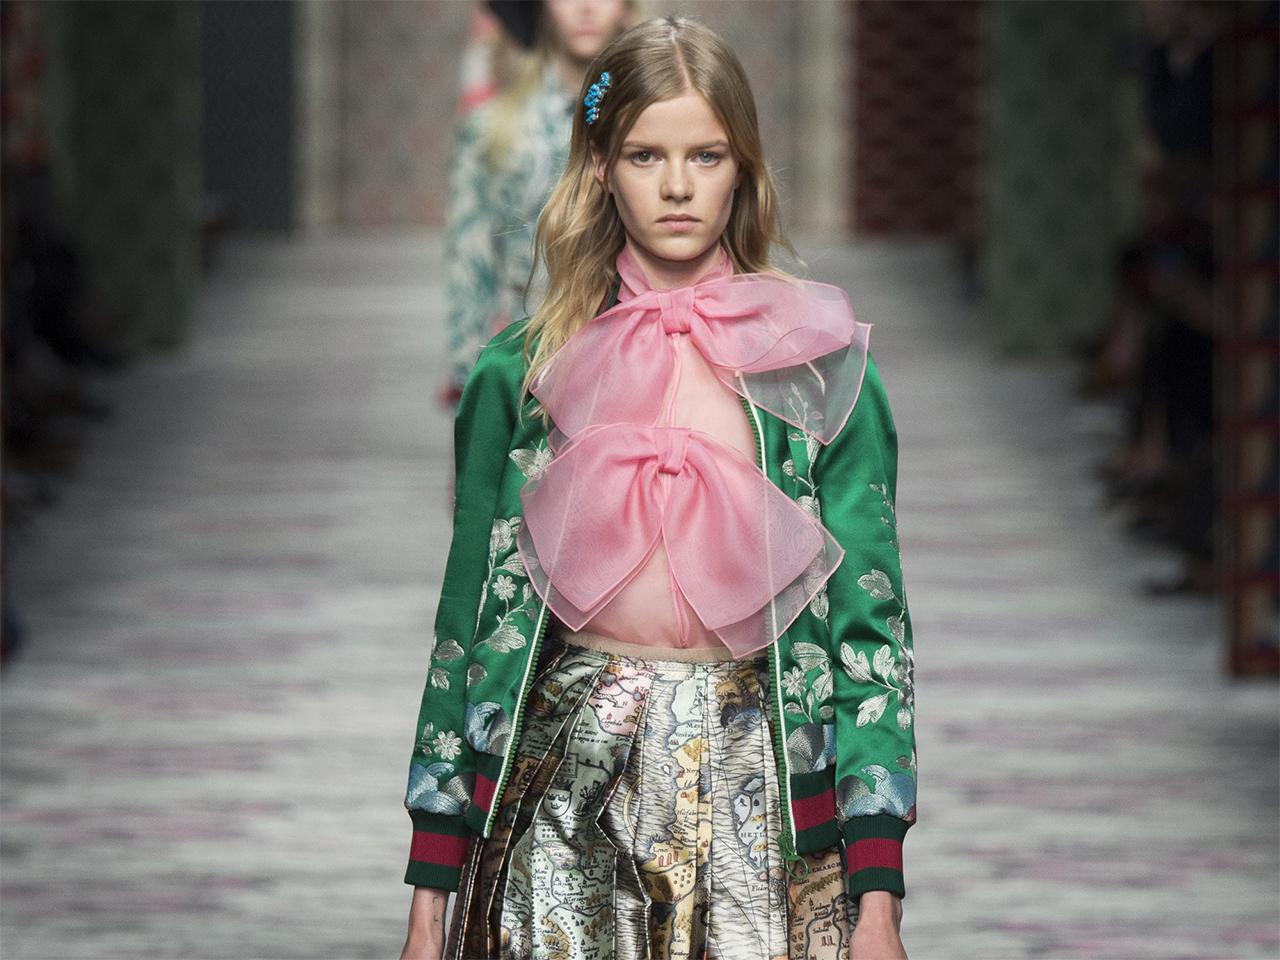 Designer: Gucci